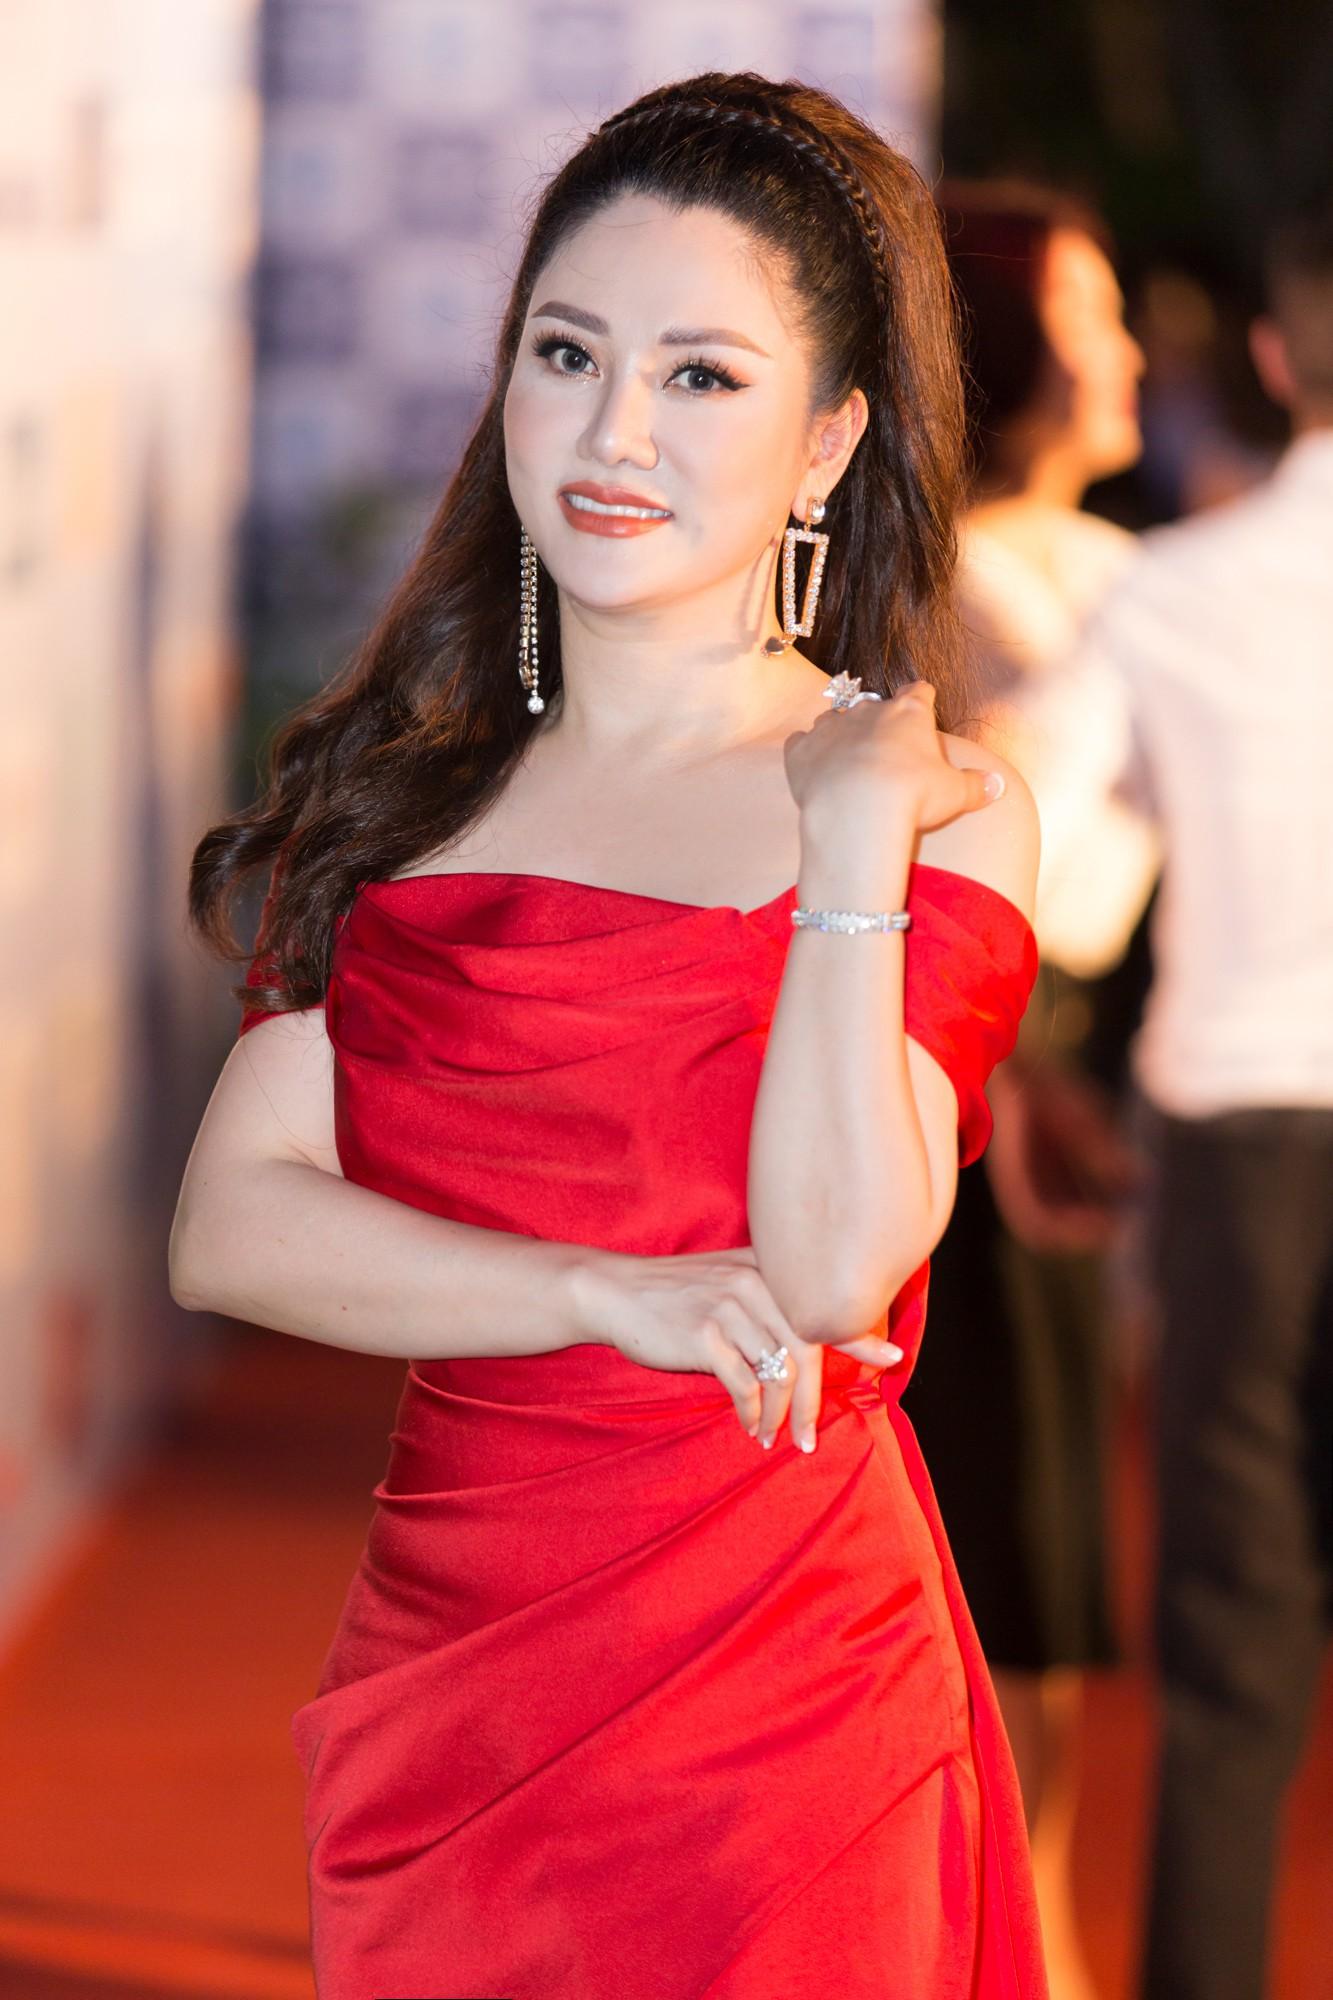 Mỹ Linh nổi bần bật xuất hiện sau nghi án tình ái, Tiểu Vy khoe khéo vòng 1 trên thảm đỏ Chung khảo phía Bắc Miss World Việt Nam 2019 - Ảnh 10.